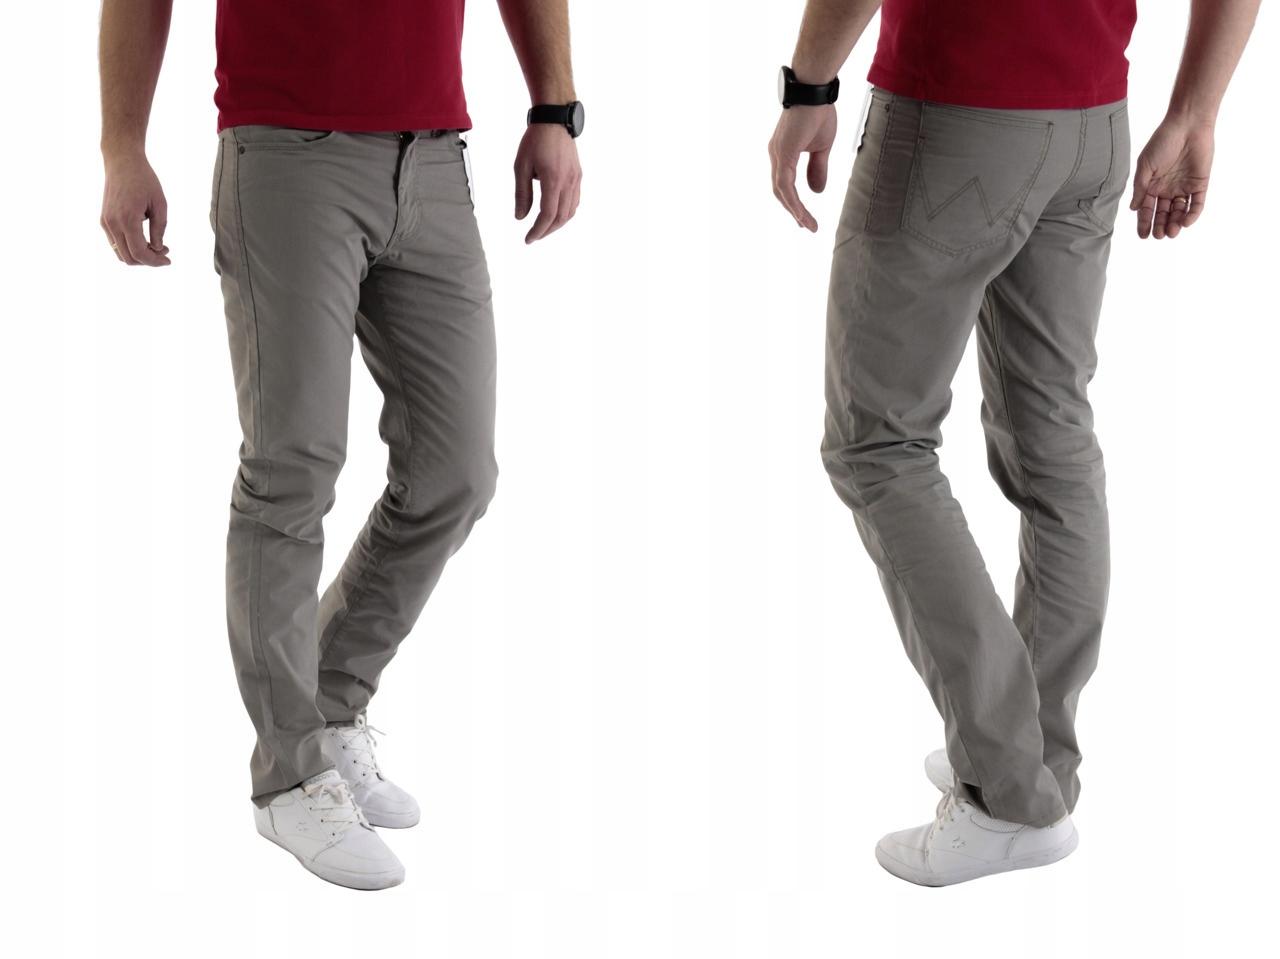 Wrangler Arizona Light Olive spodnie W32 L32